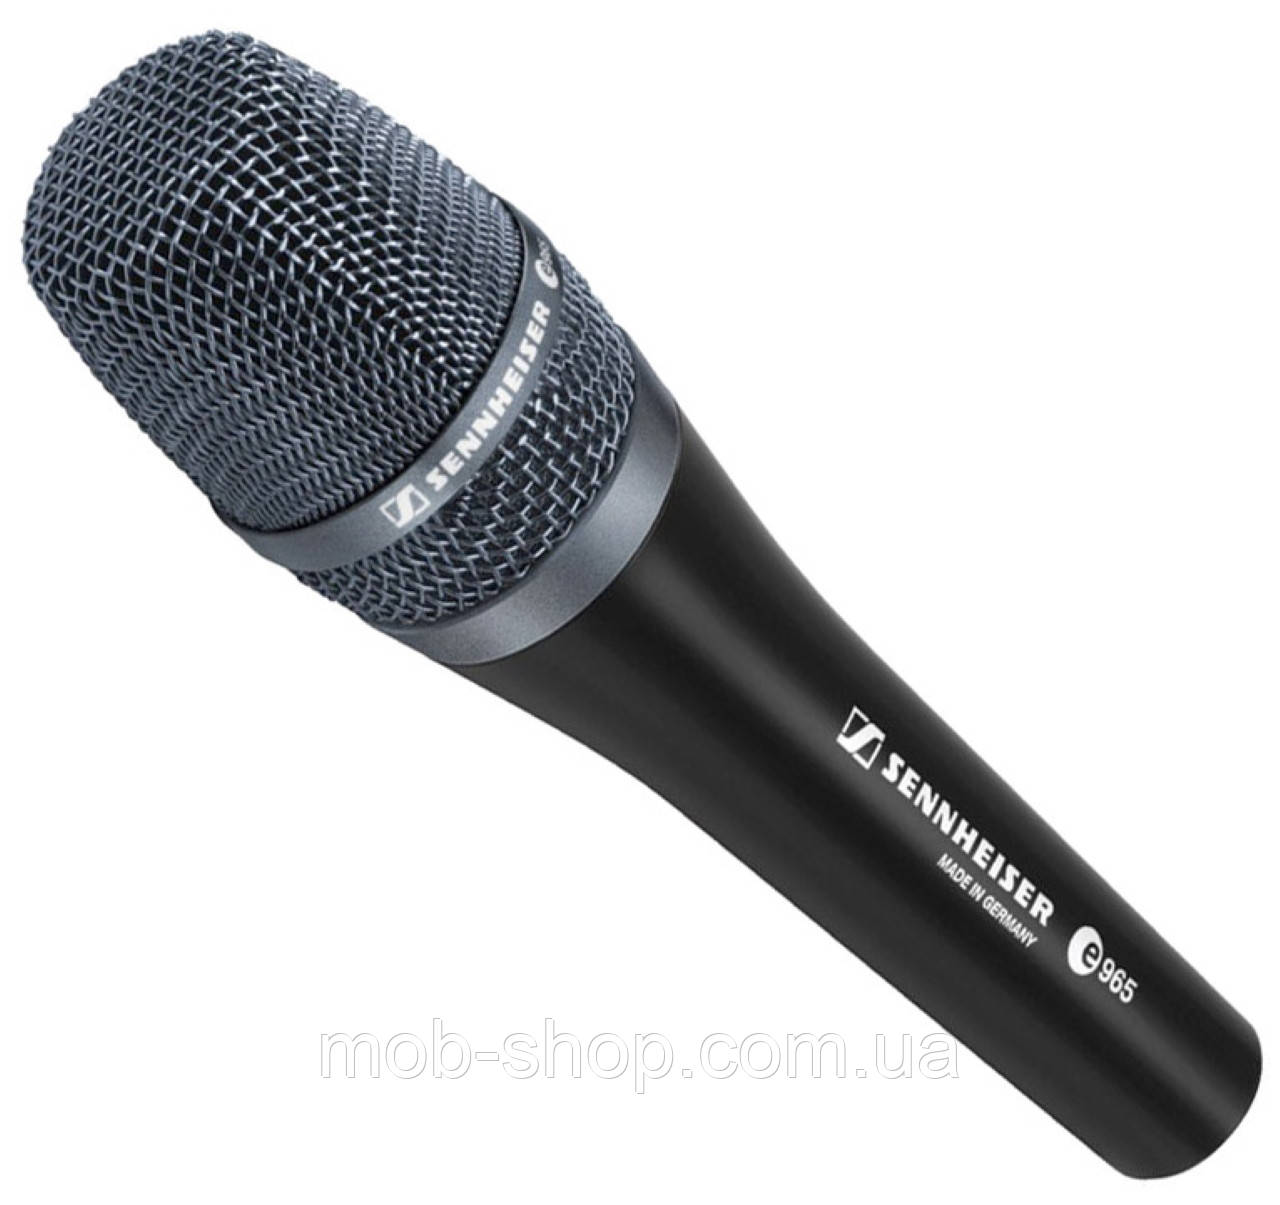 Провідний мікрофон Sennheiser DM E965 для караоке